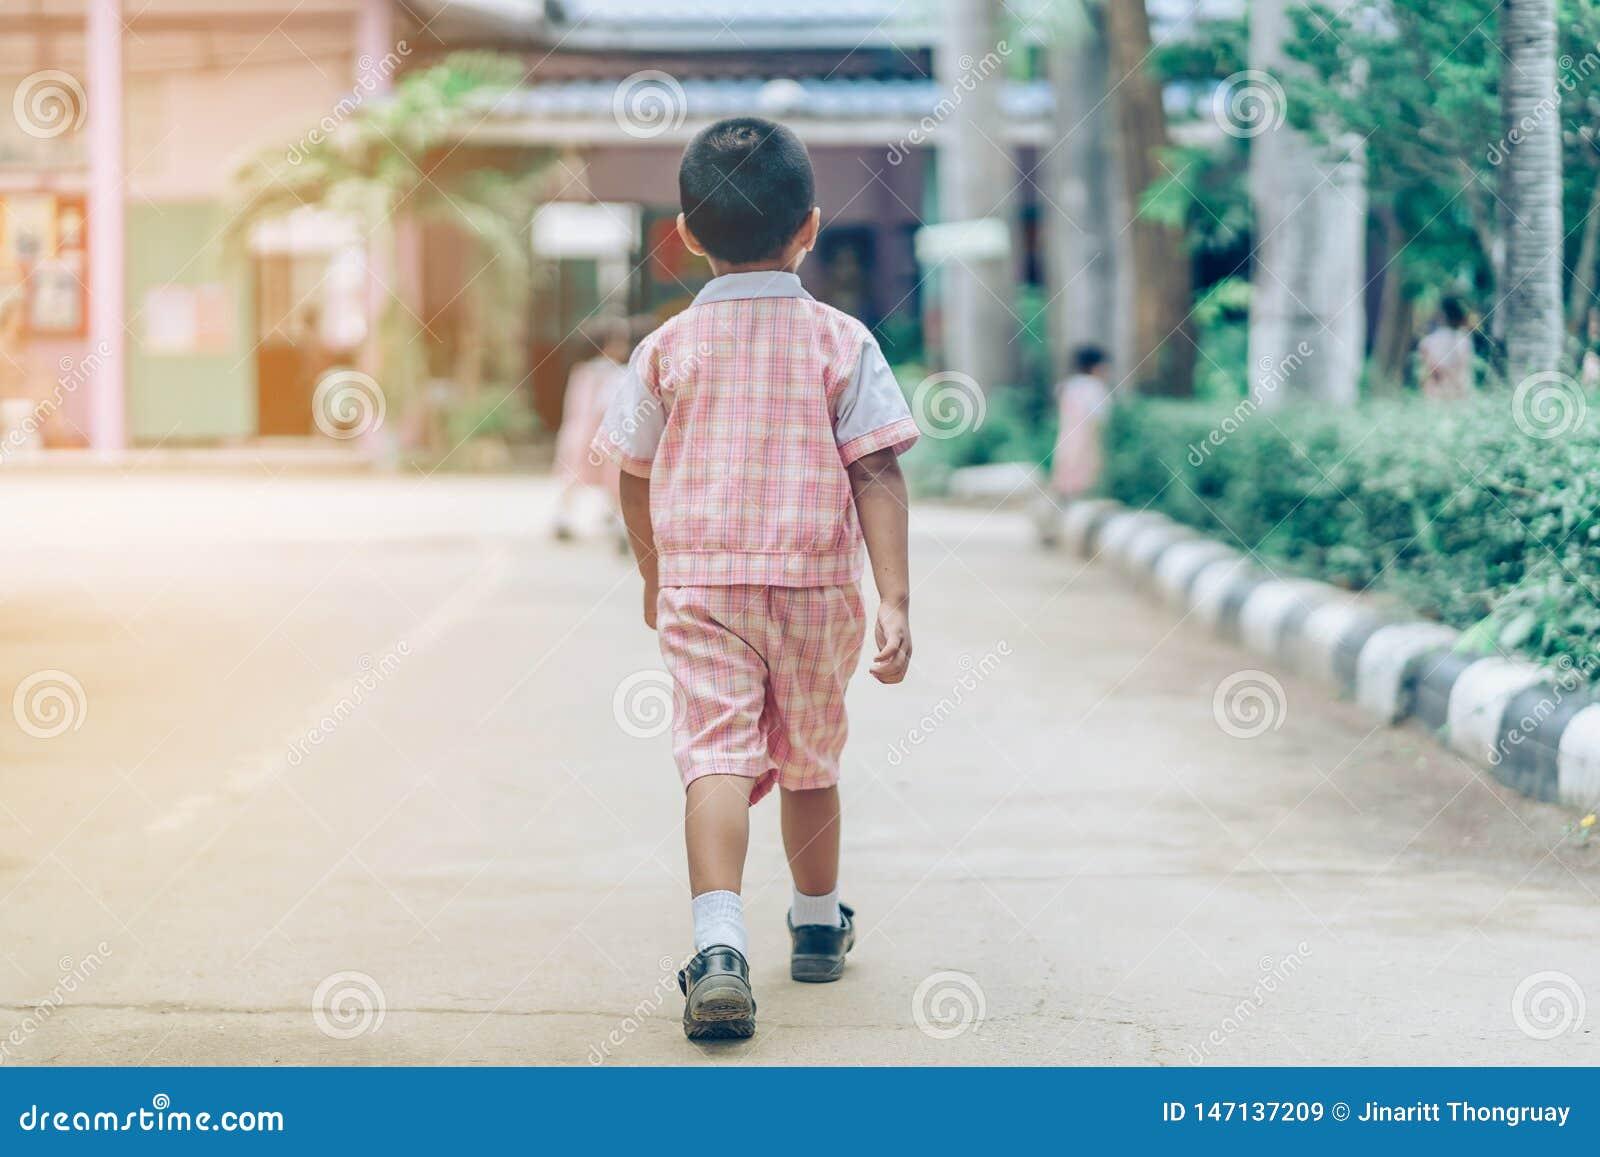 Hintere Ansicht des Jungen folgte Freundinnen auf Straße, um zum Klassenzimmer zu gehen